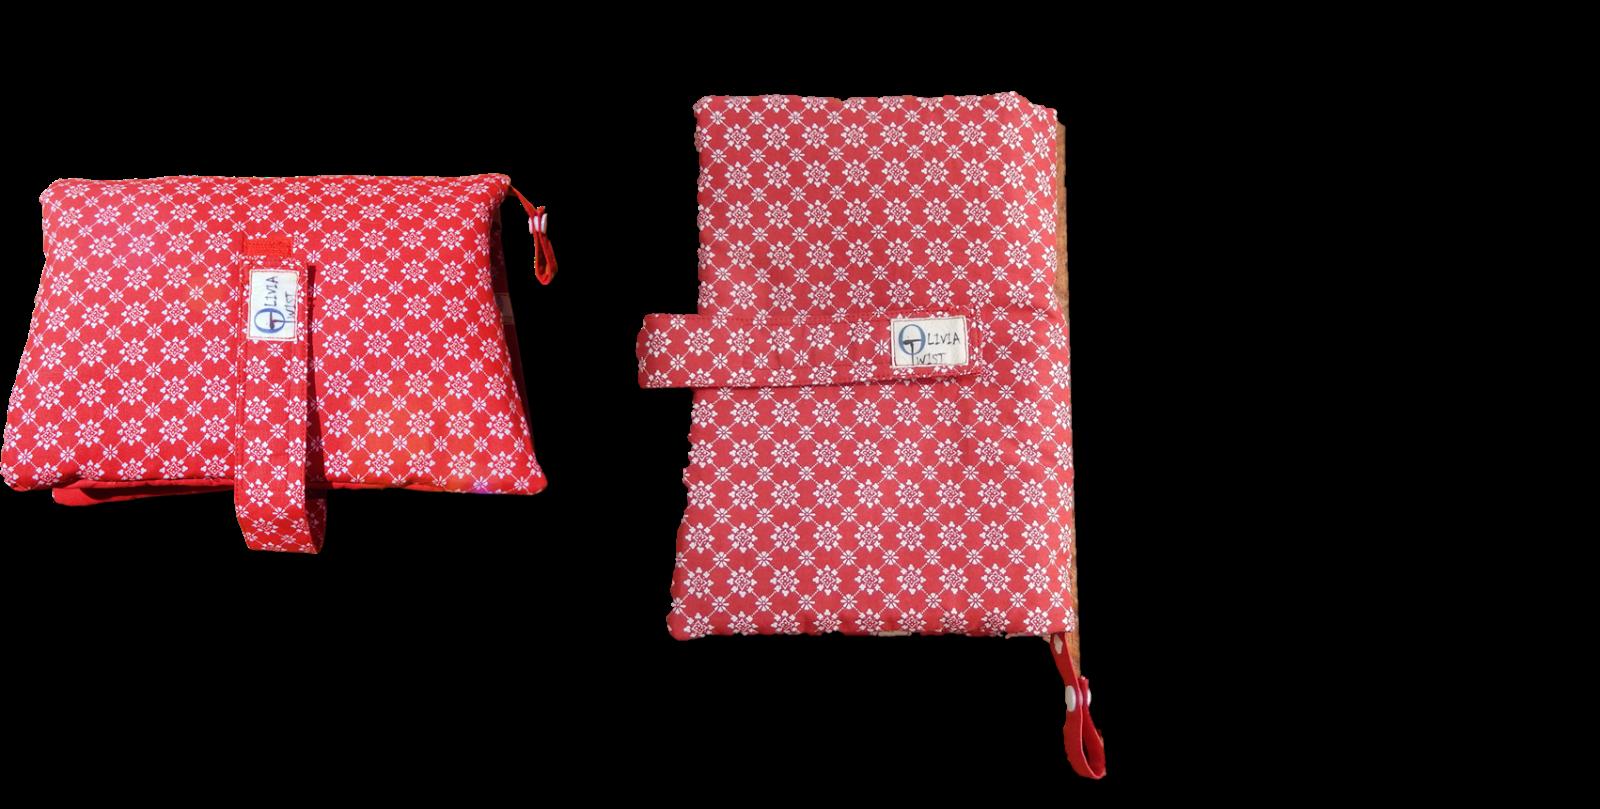 Le creative del monte borsa porta pannolini per bambini - Porta pannolini ...